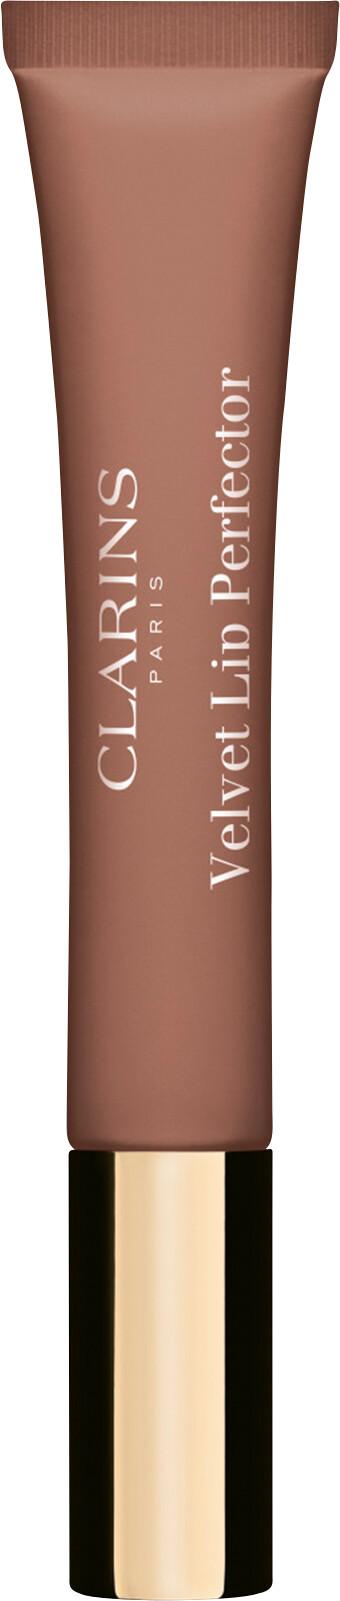 Clarins Velvet Lip Perfector 12ml 01 - Velvet Nude